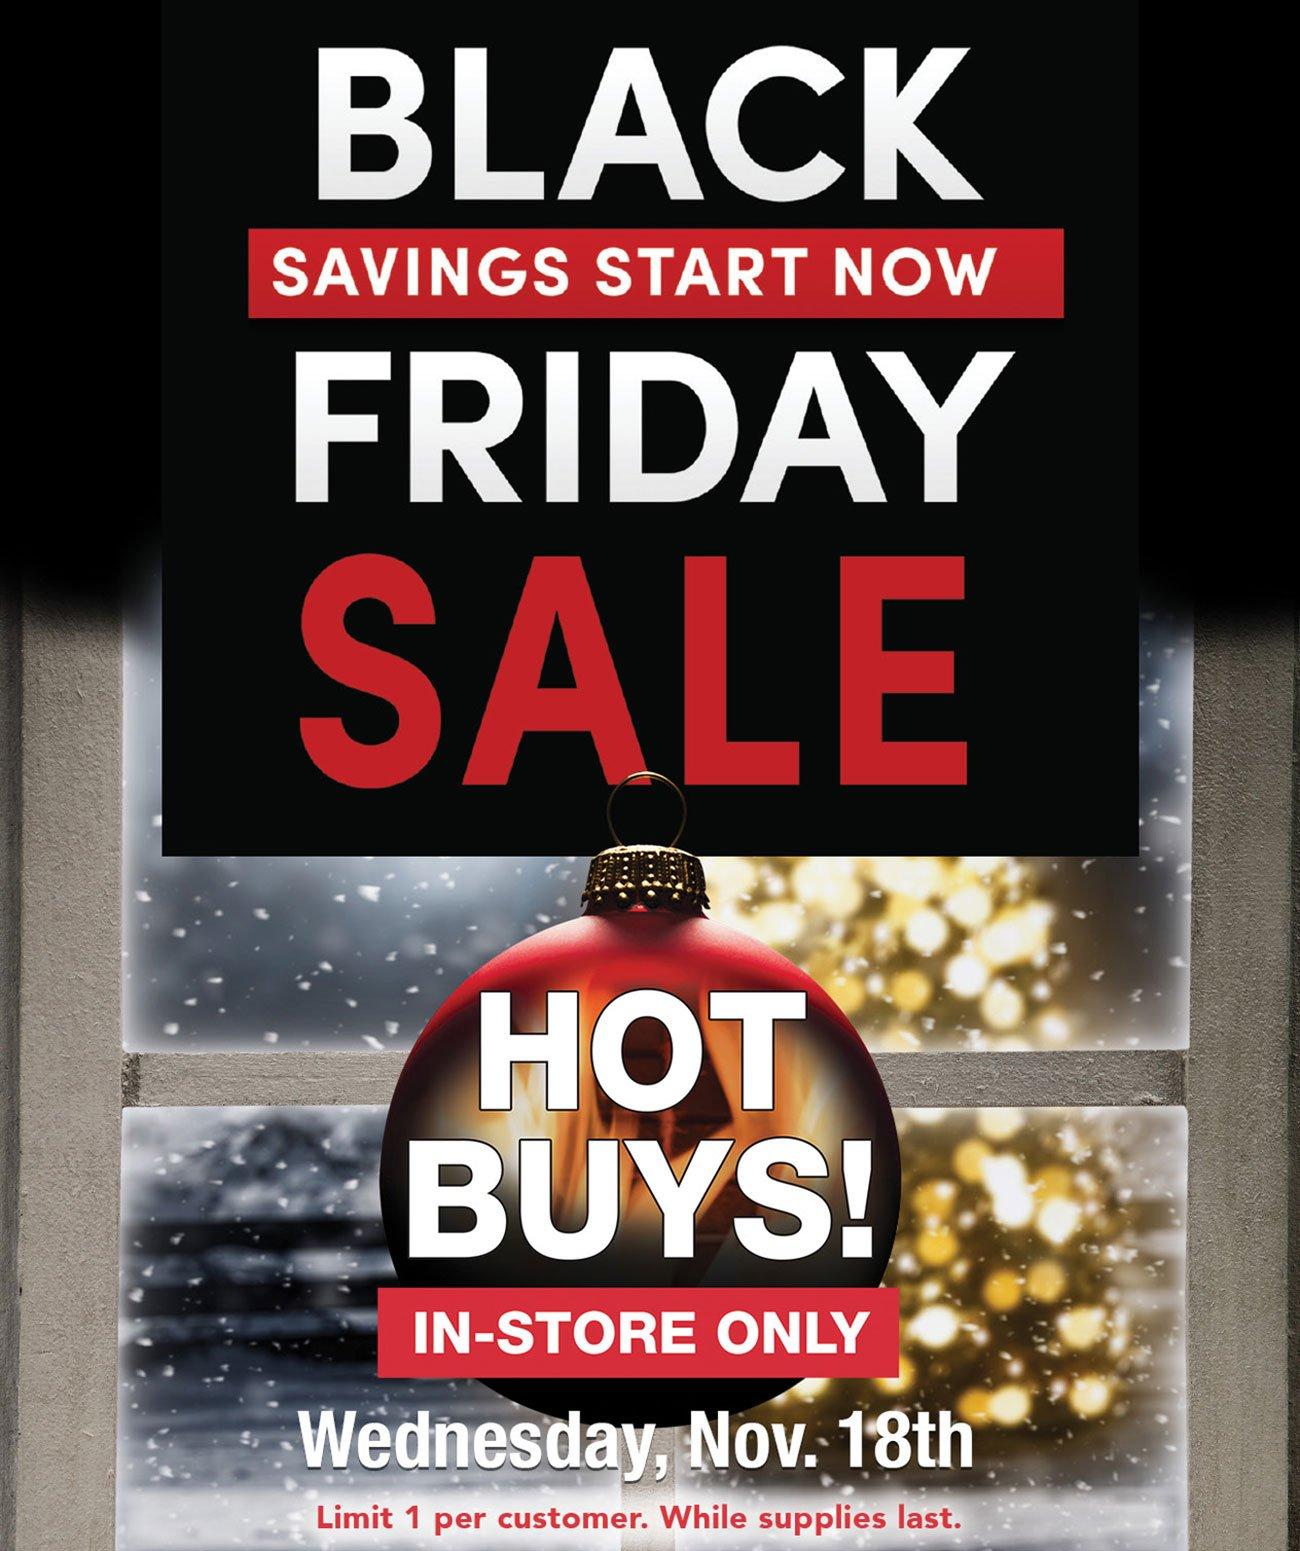 Wednesday-hot-buys